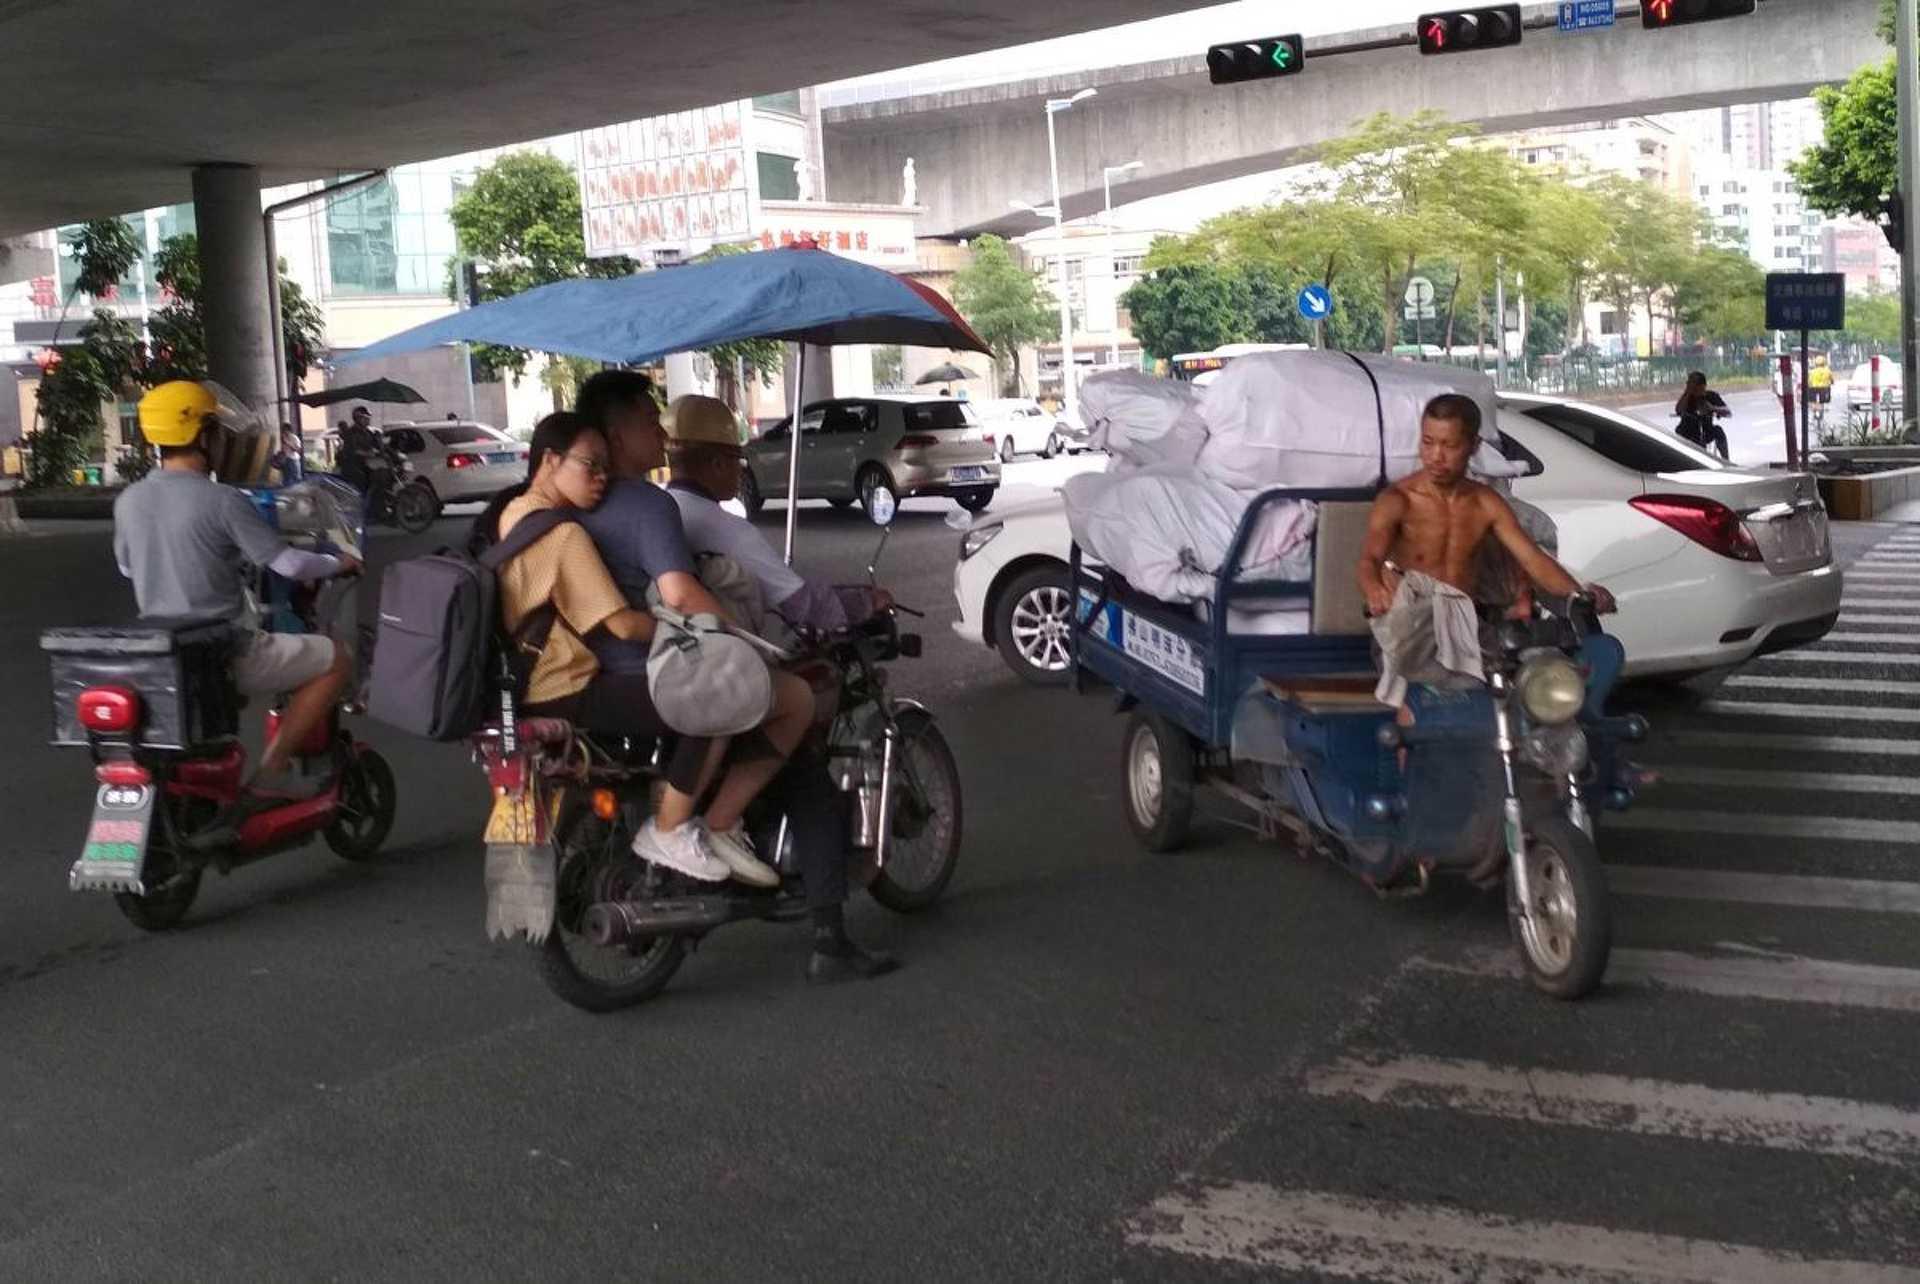 Kína, Kanton (Guangzhou)- közlekedés